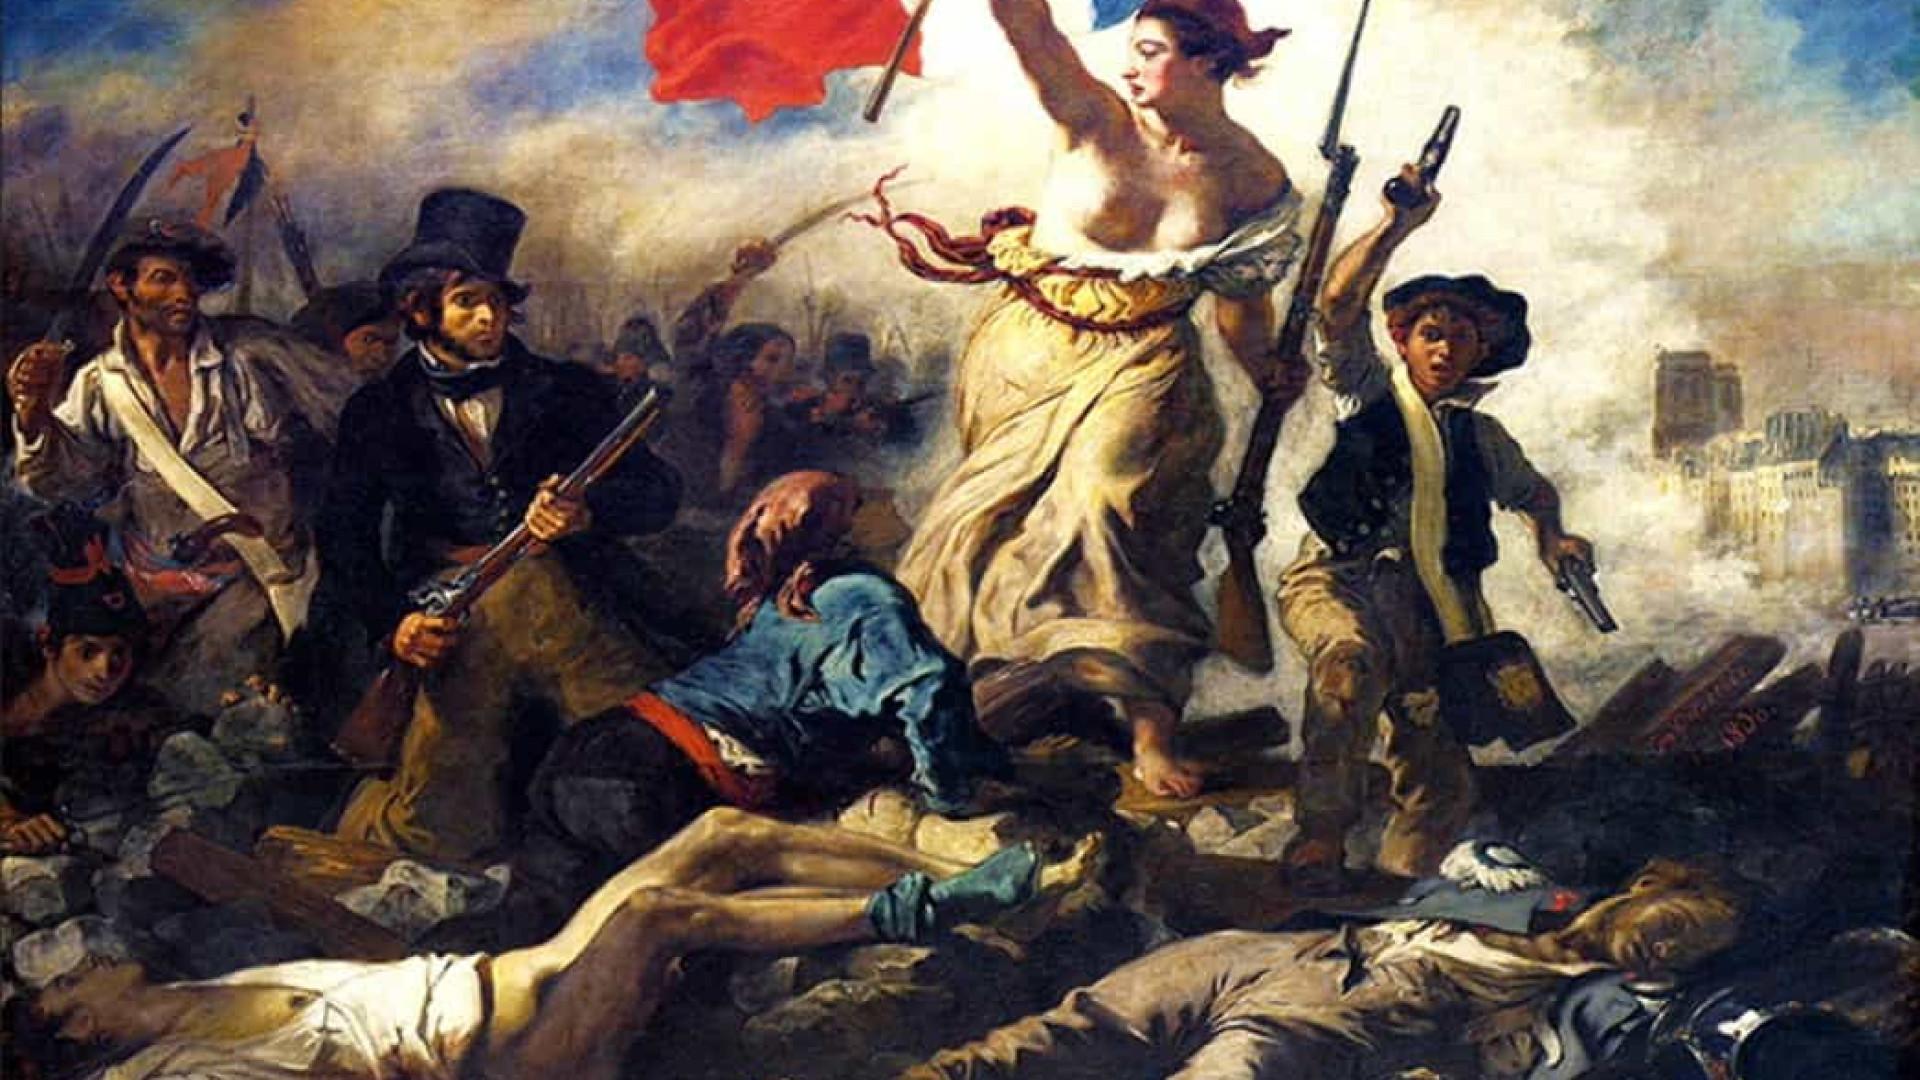 14 de julho: Revolução Francesa e 'Guerra do Futebol' marcaram a data